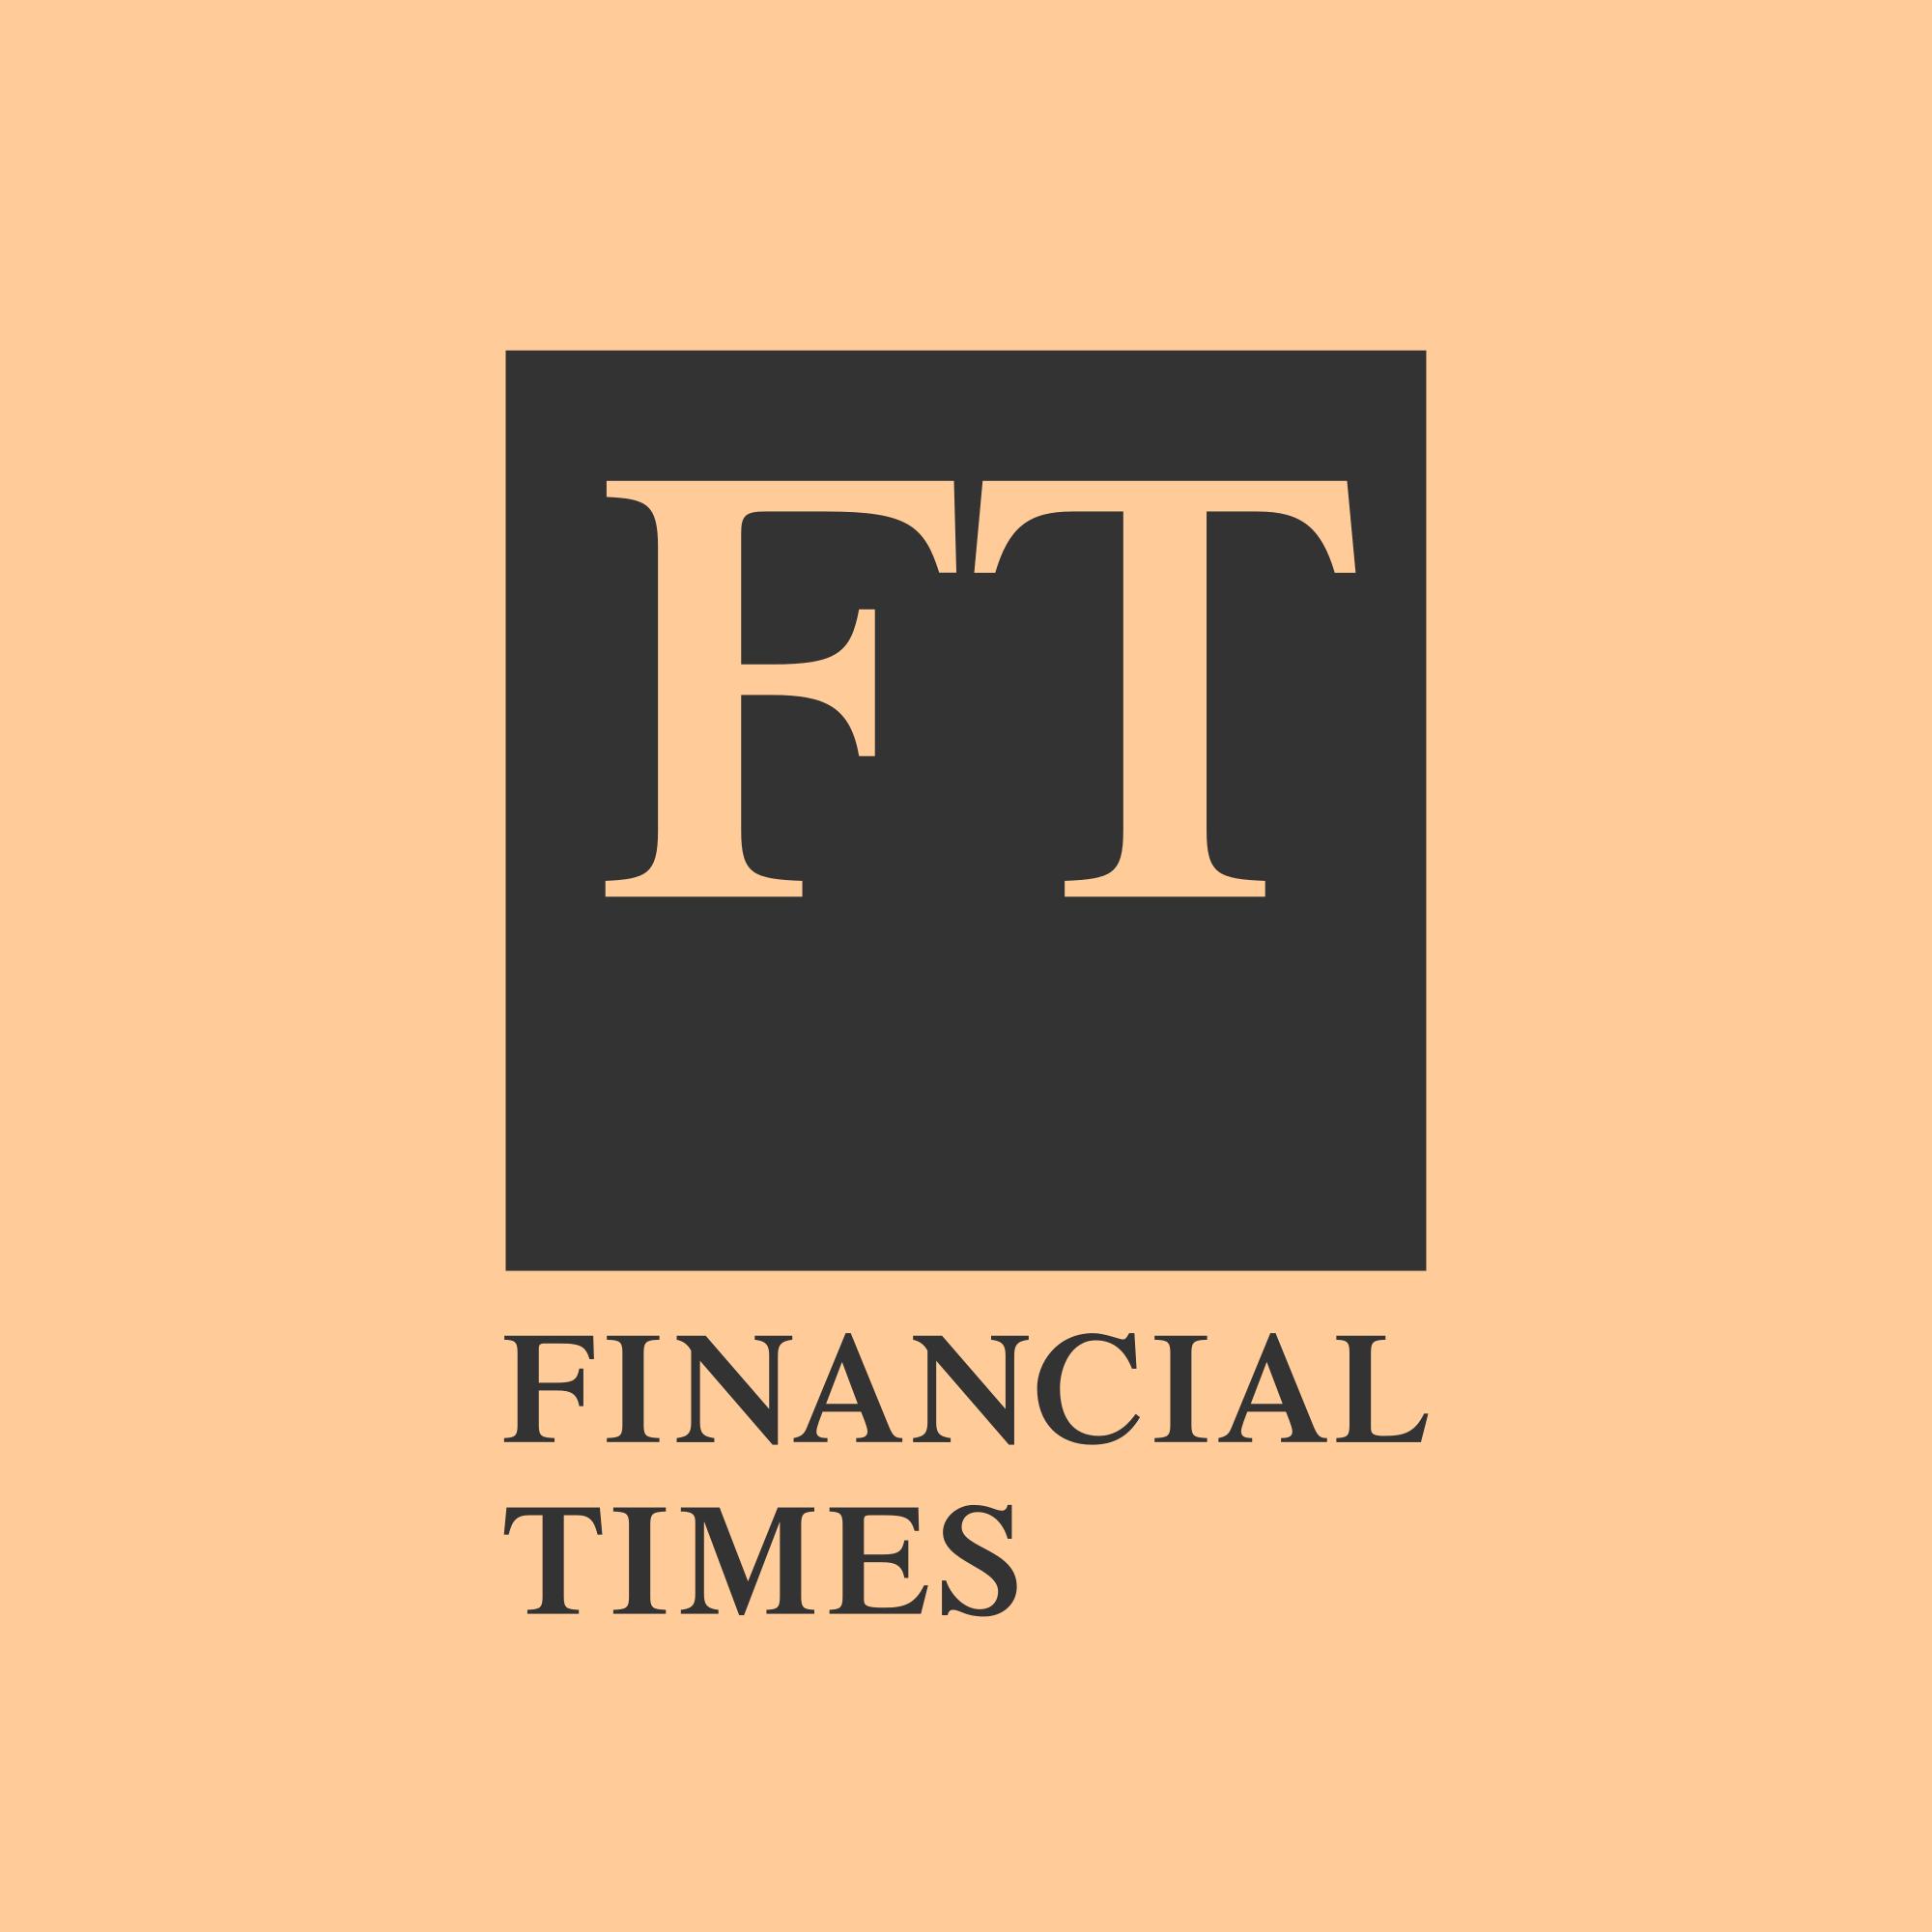 Financial Yimes